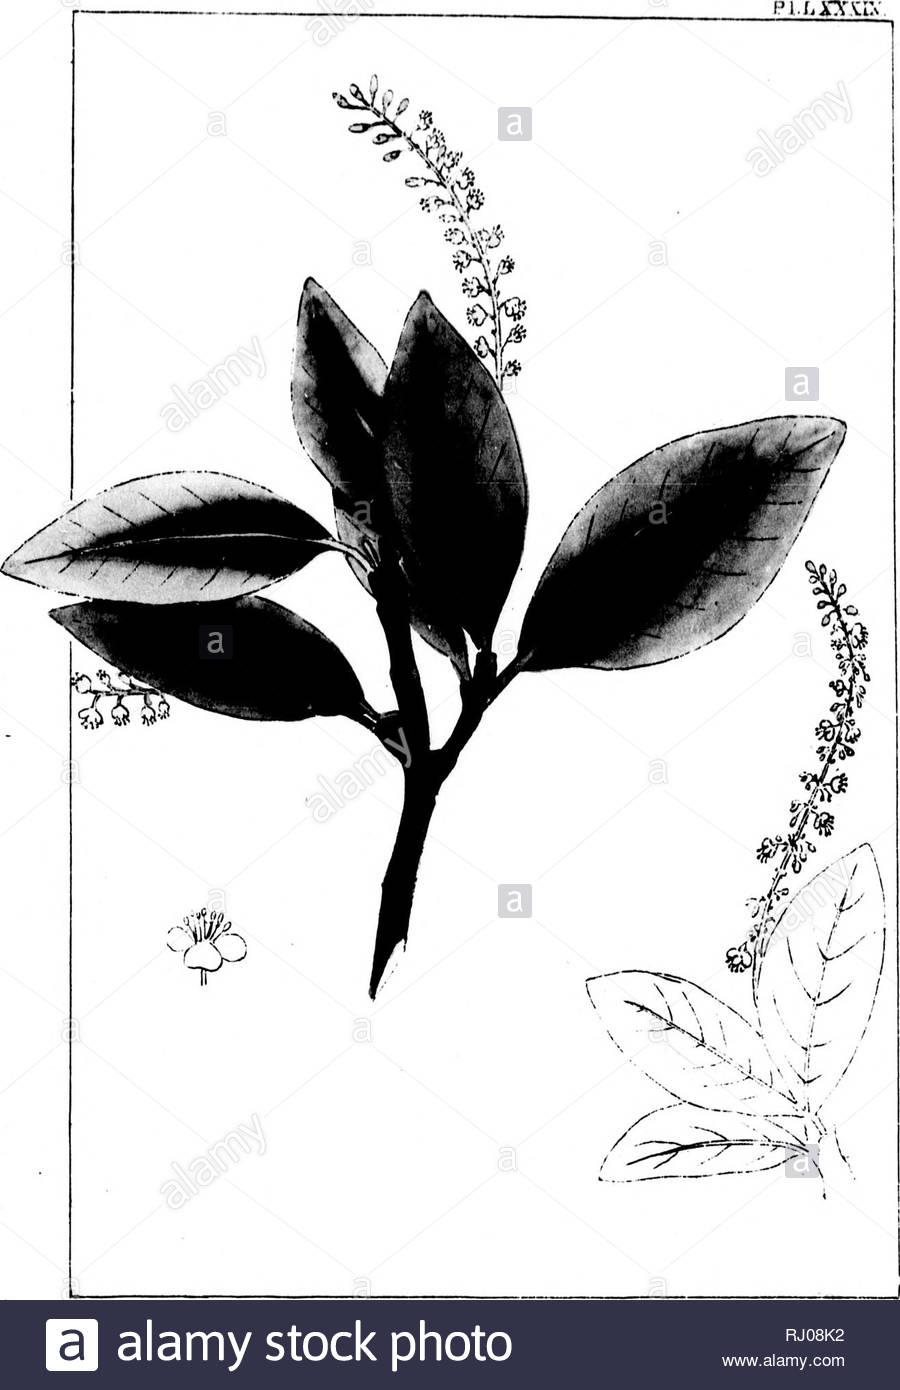 Jardin Botanique Élégant R E Ms Stock S & R E Ms Stock Page 3 Alamy